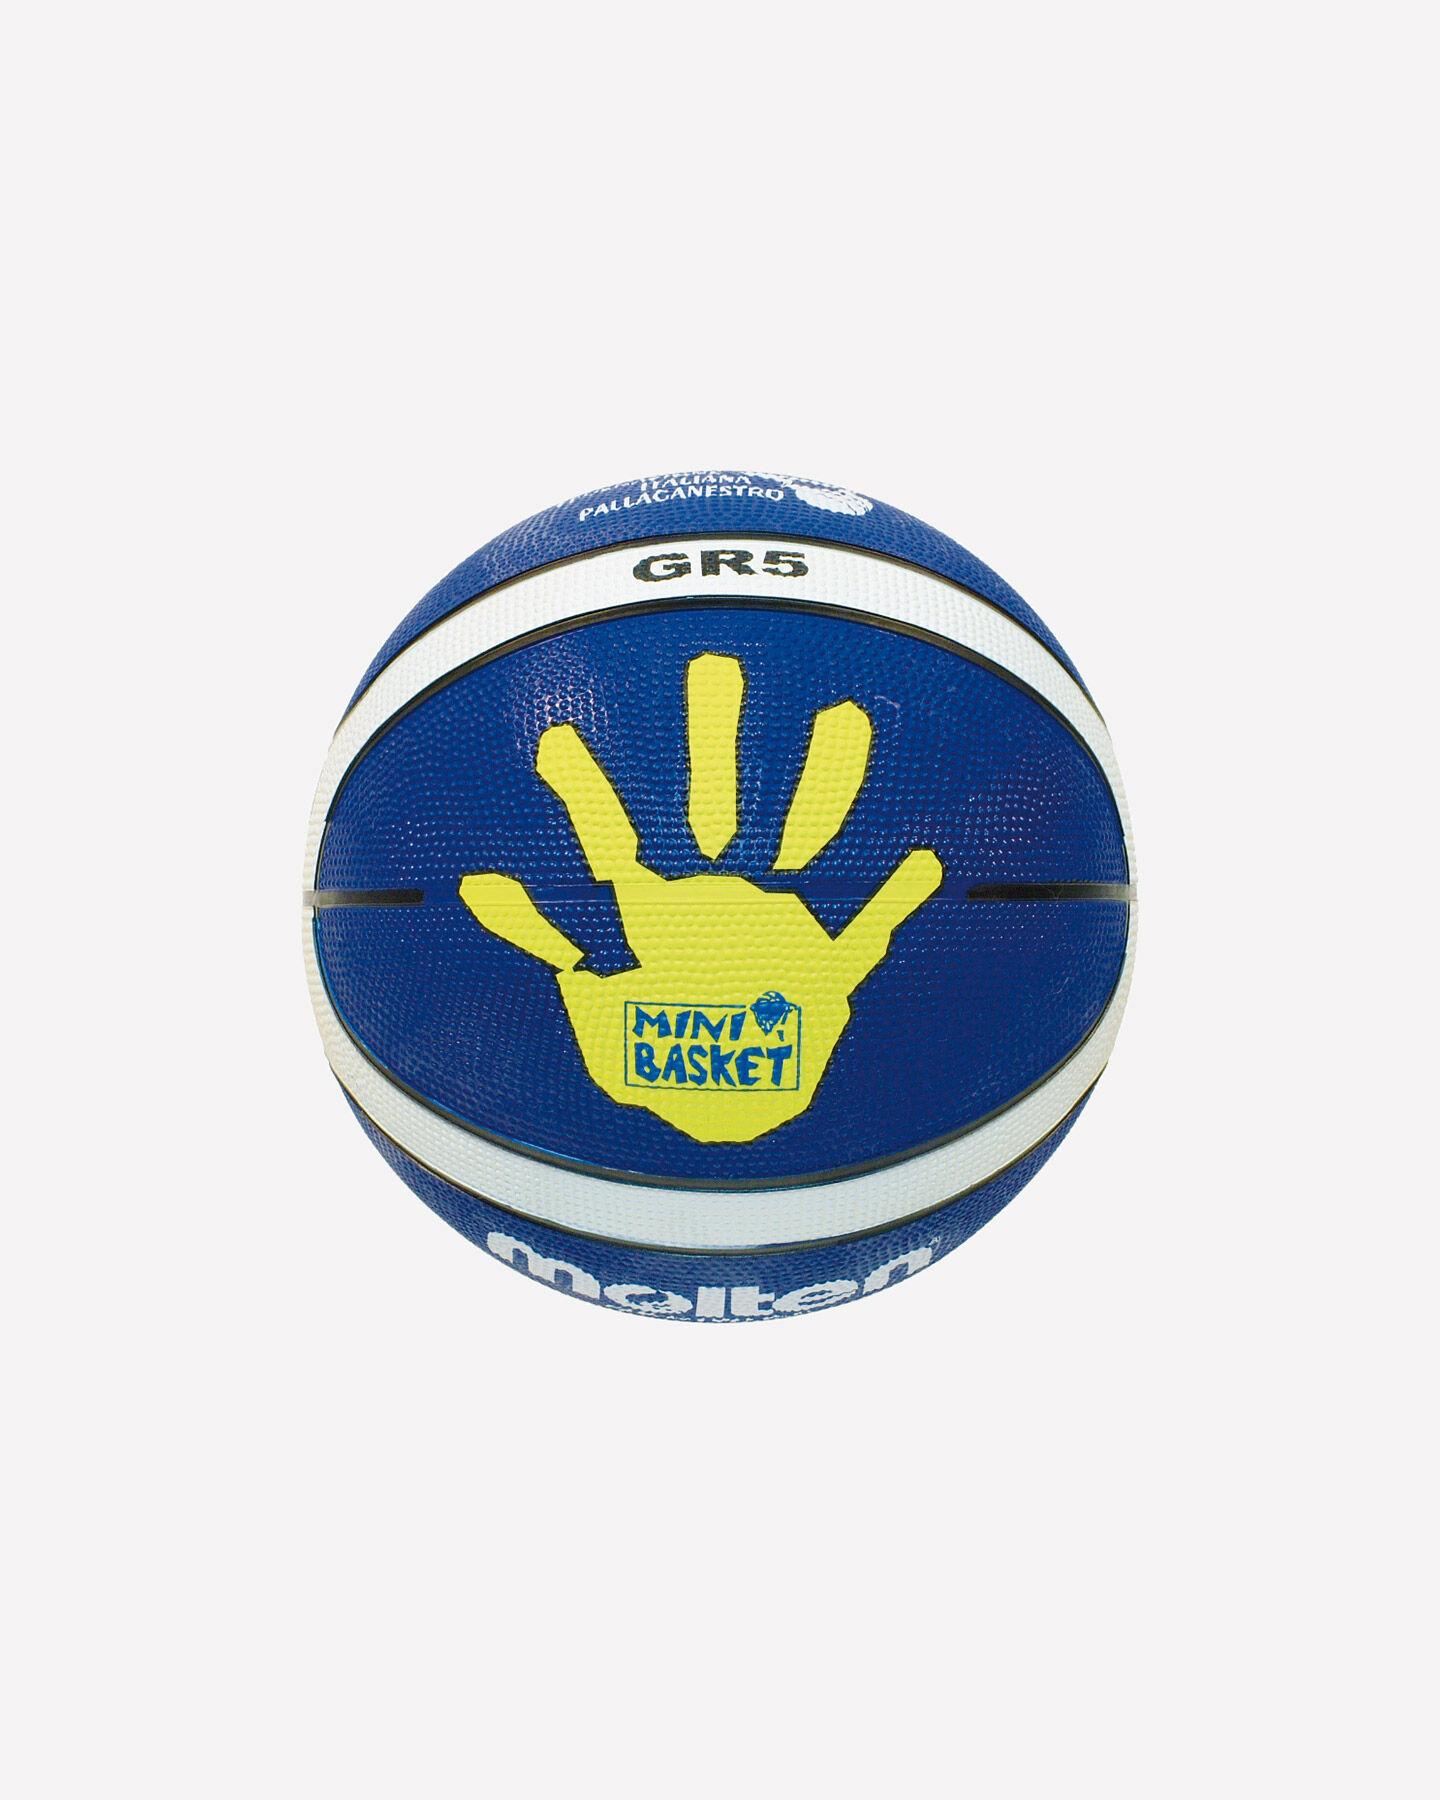 Pallone basket MOLTEN GR5 MIS.5 S0695416|1|UNI scatto 1